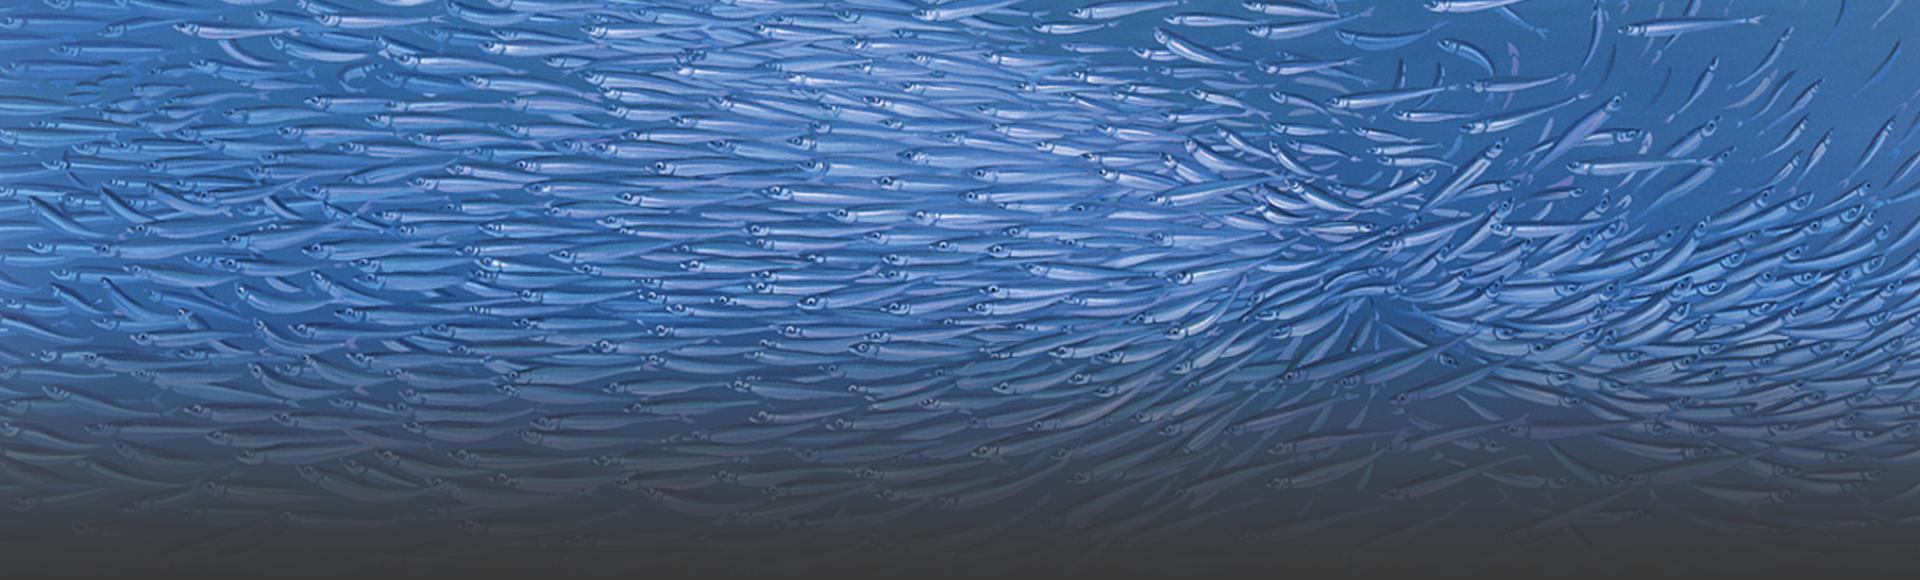 schwarmfische